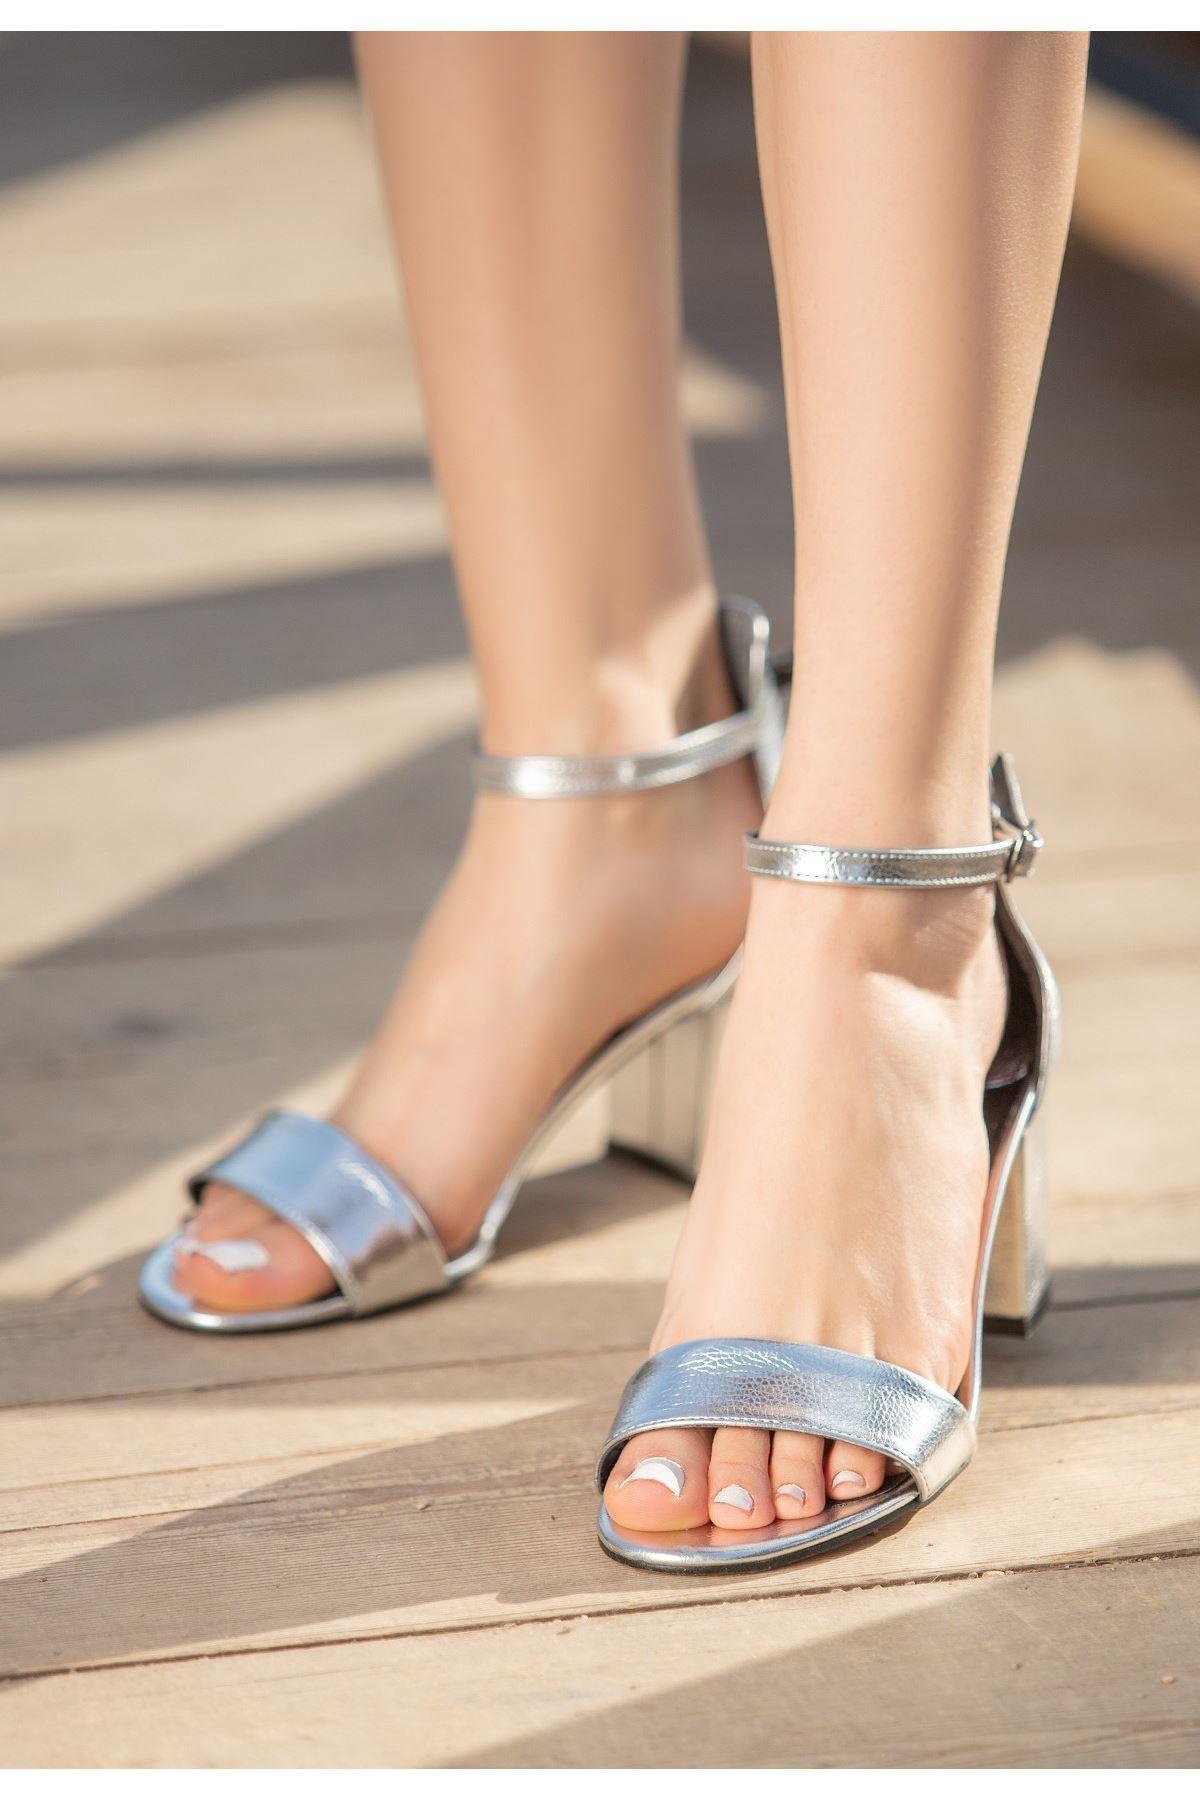 Epon Gümüş Cilt Tek Desenli Bant Topuklu Ayakkabı